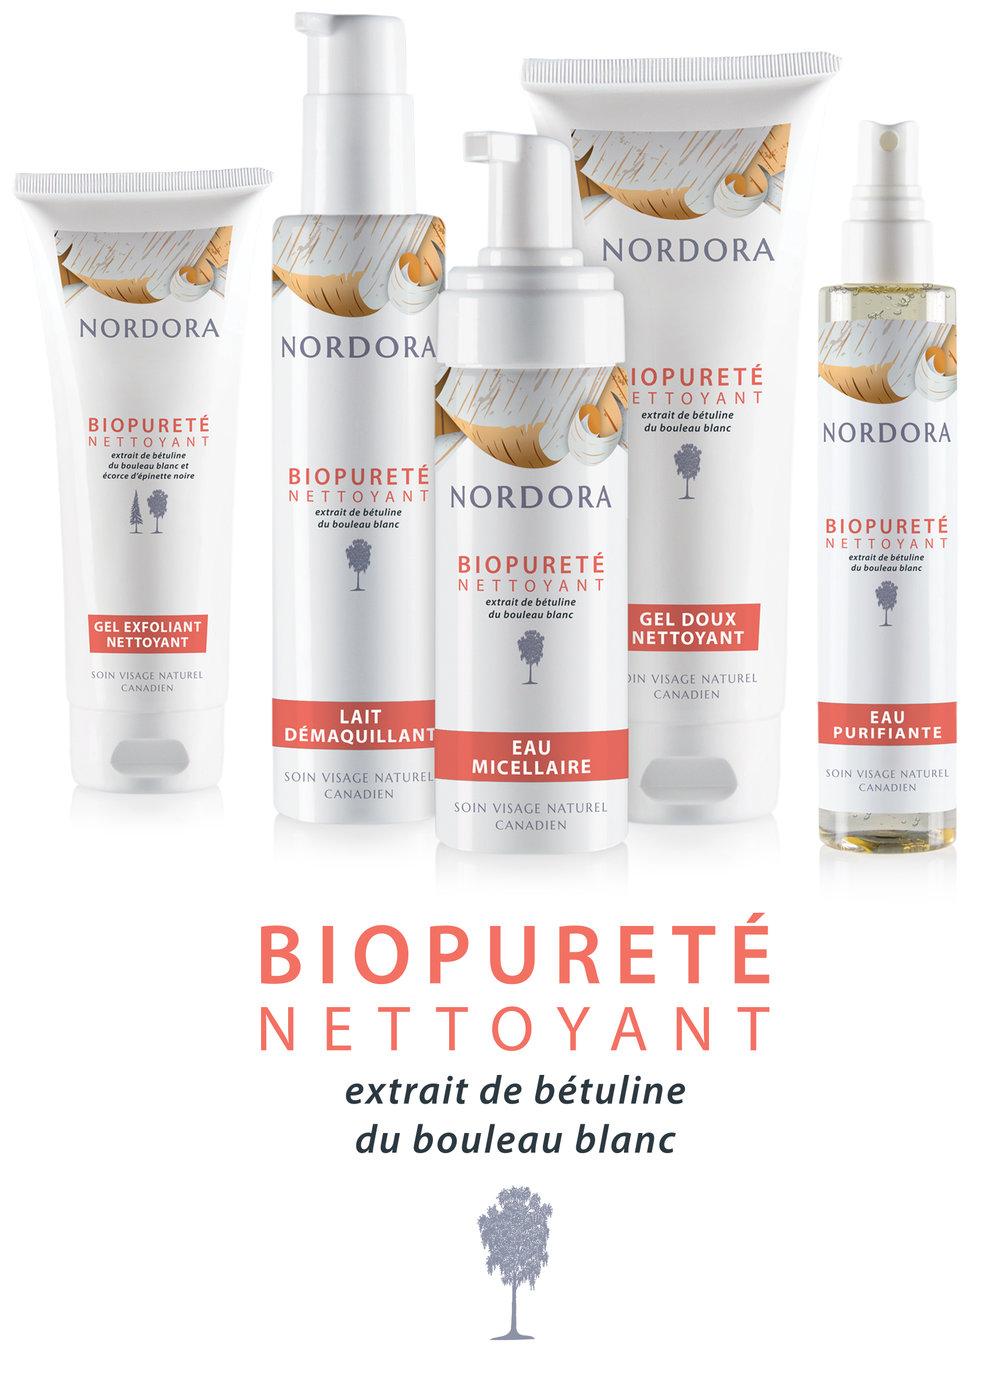 Nordora_BioPurete_GroupShot_FR.jpg